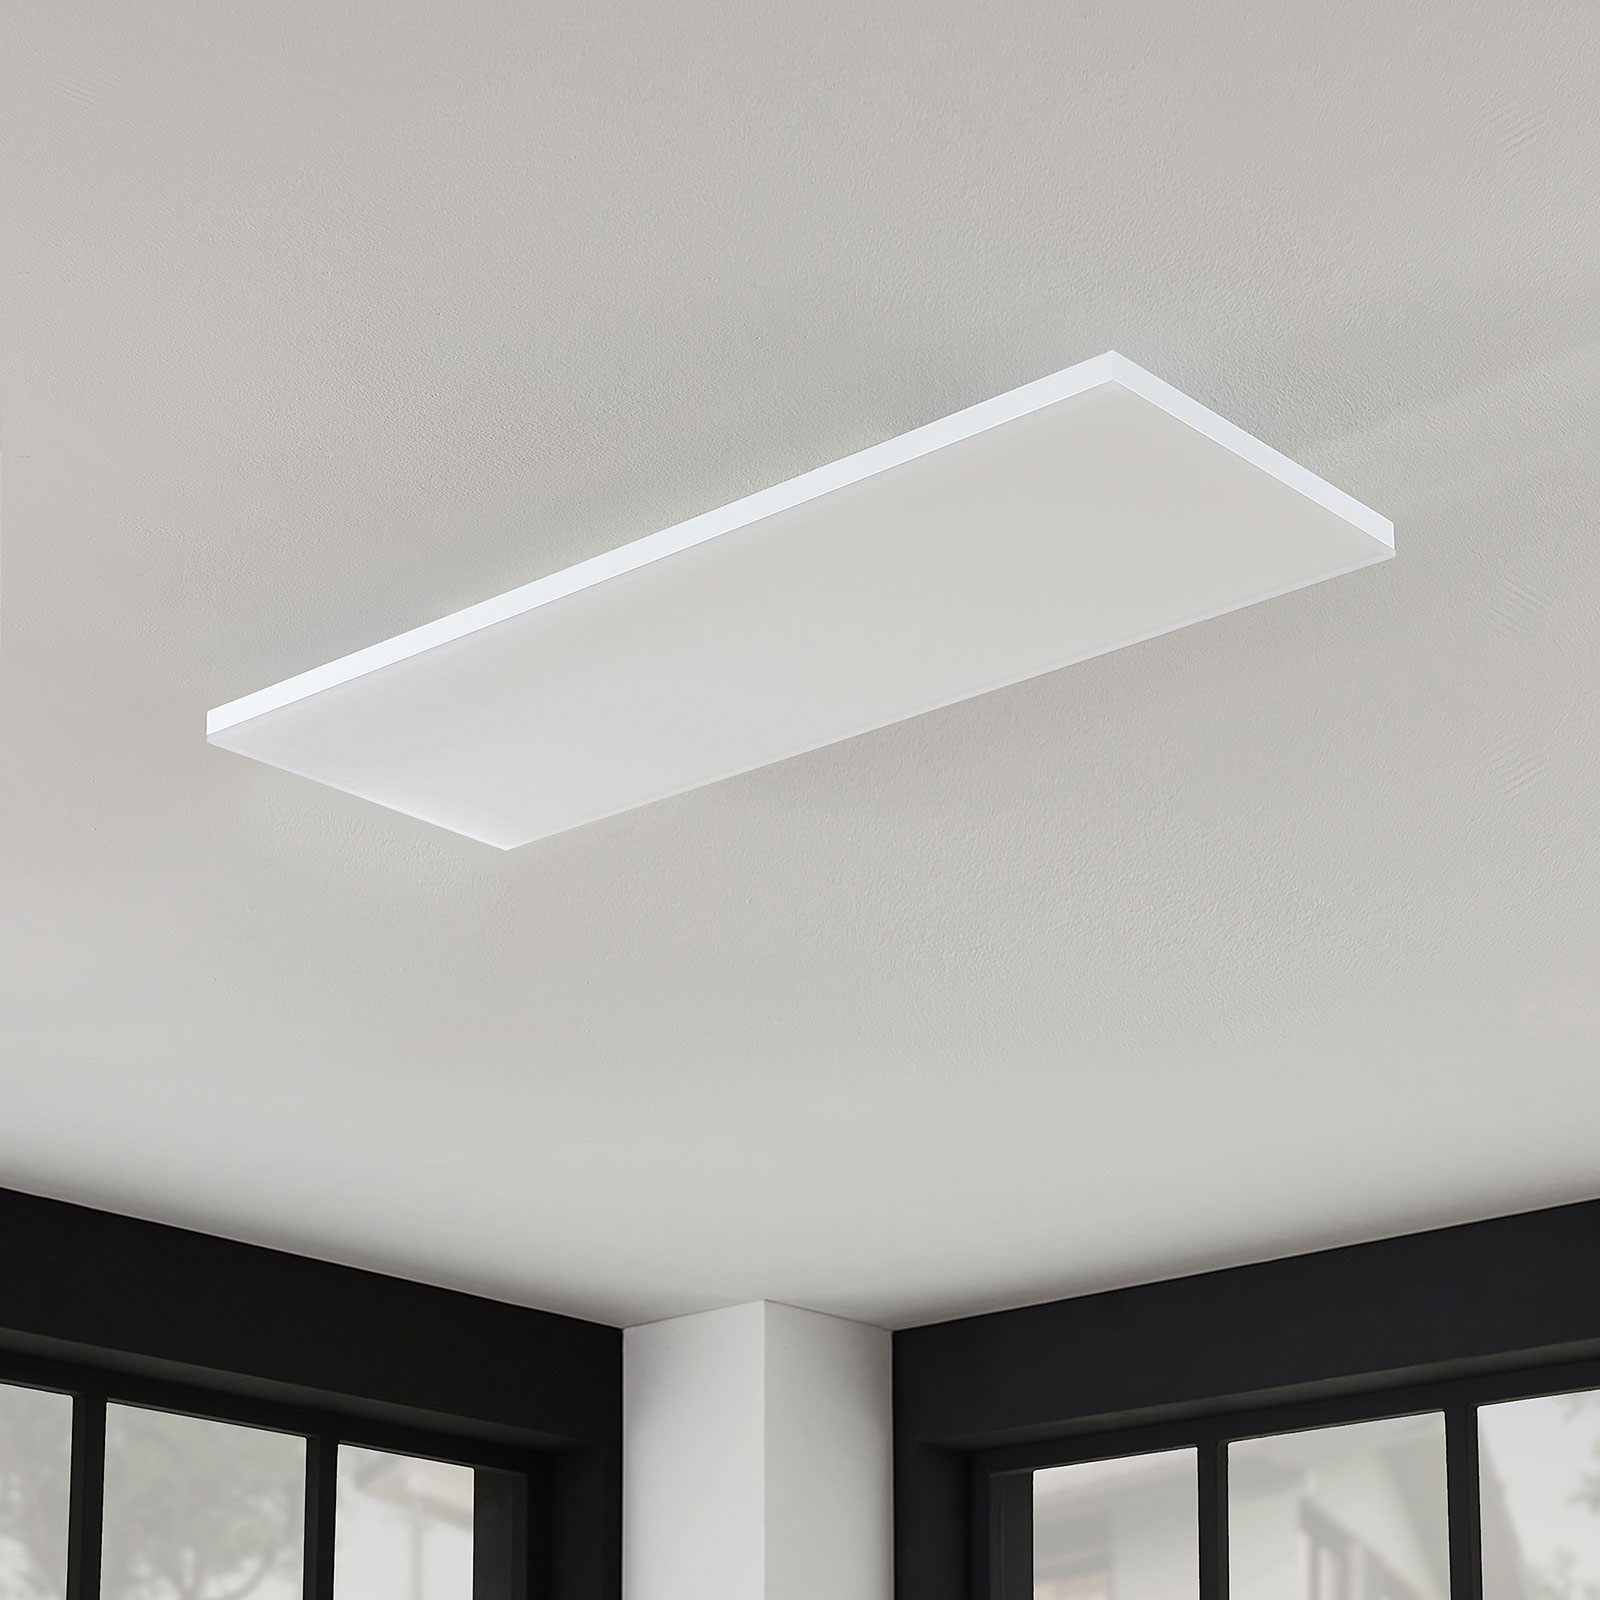 Panneau LED Blaan CCT télécommande 79,5 x 29,5cm